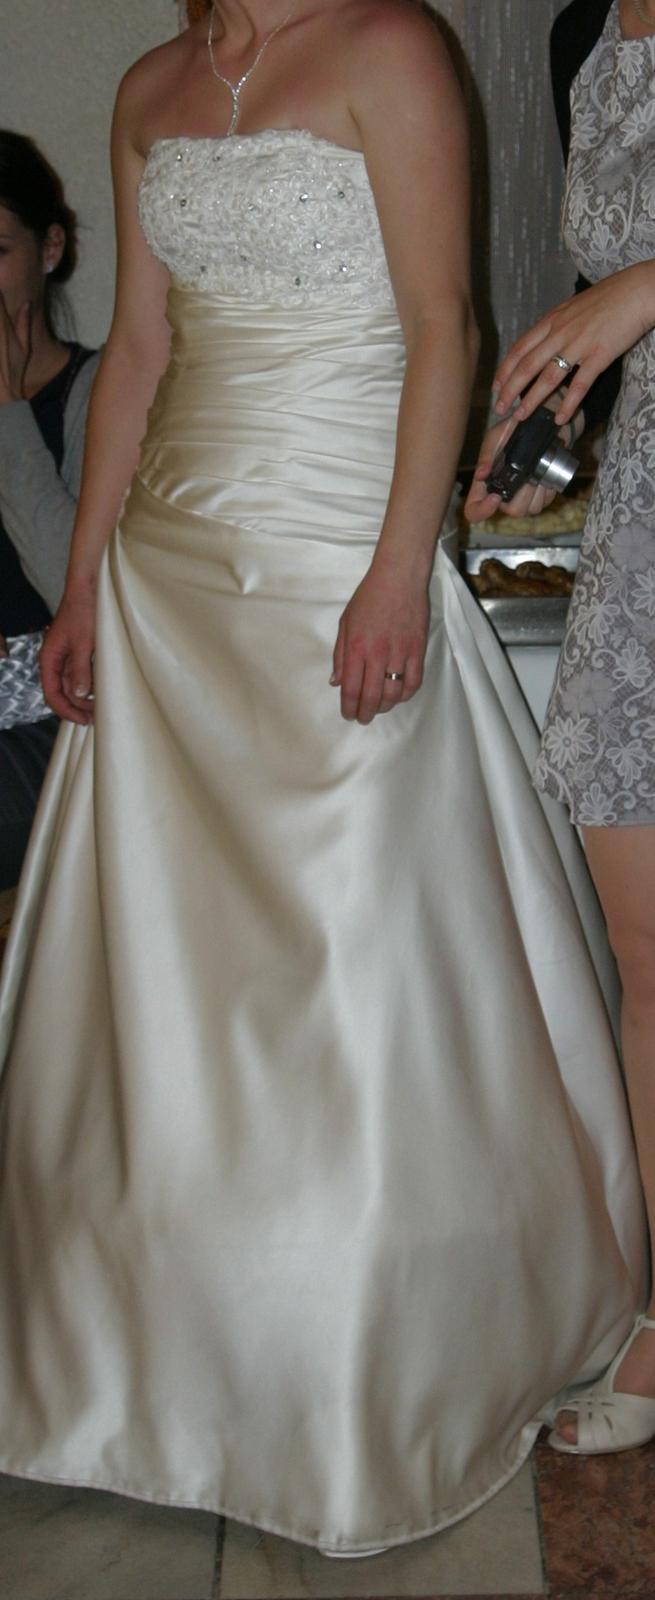 Svatební šaty, vel. 38-40 - Obrázek č. 1